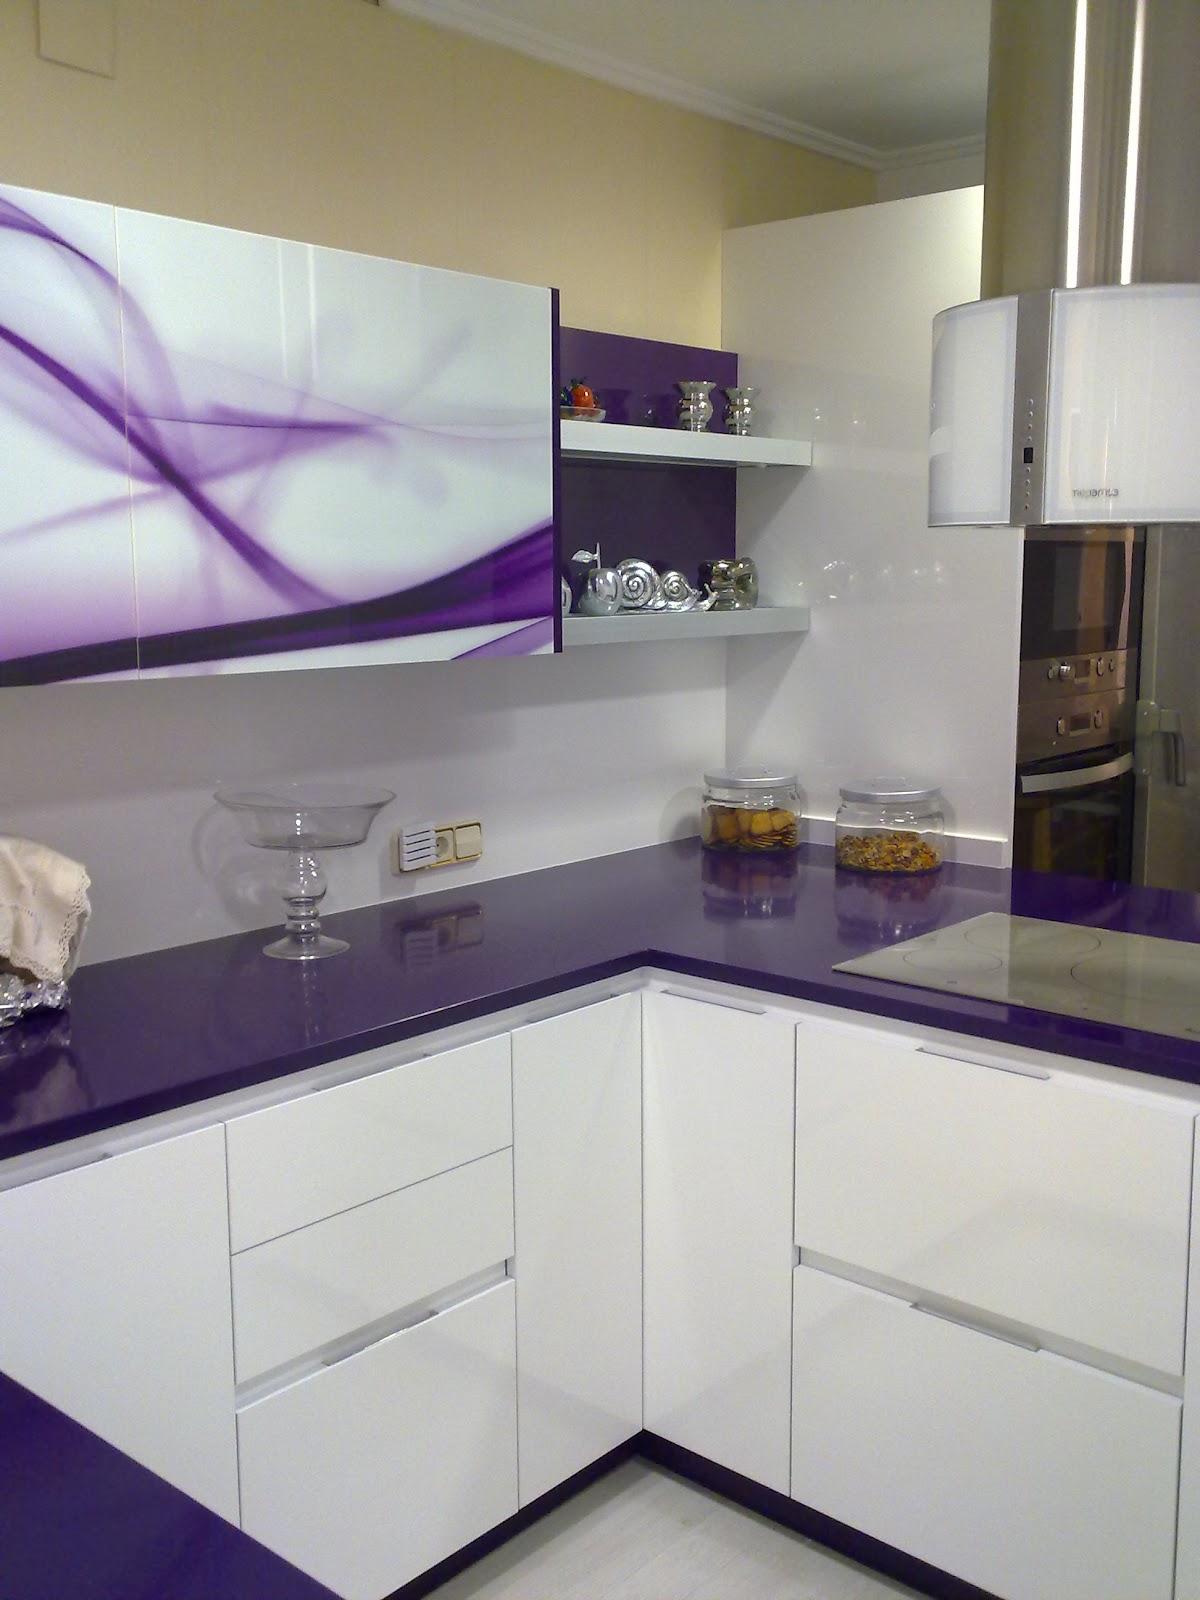 Bamb muebles y cocinas cocina dise o moderno morado y for Muebles de cocina modernos color blanco